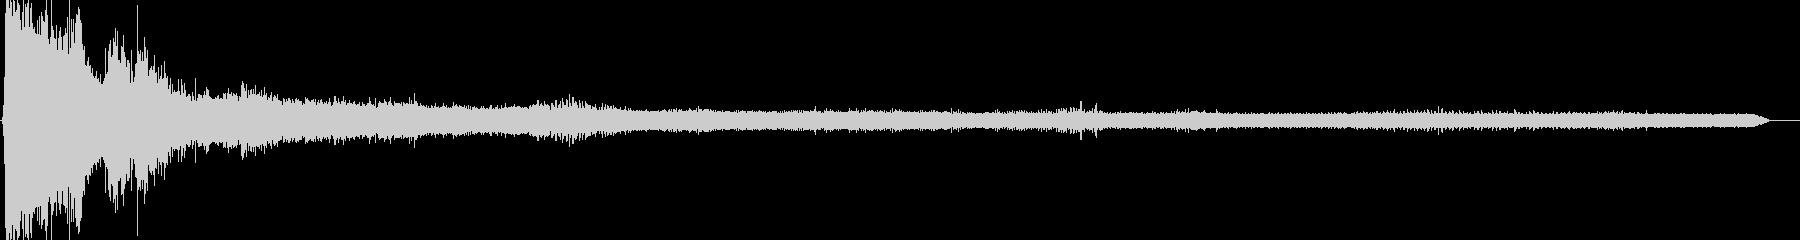 ヒューズ500:アイドル/オフ;チ...の未再生の波形